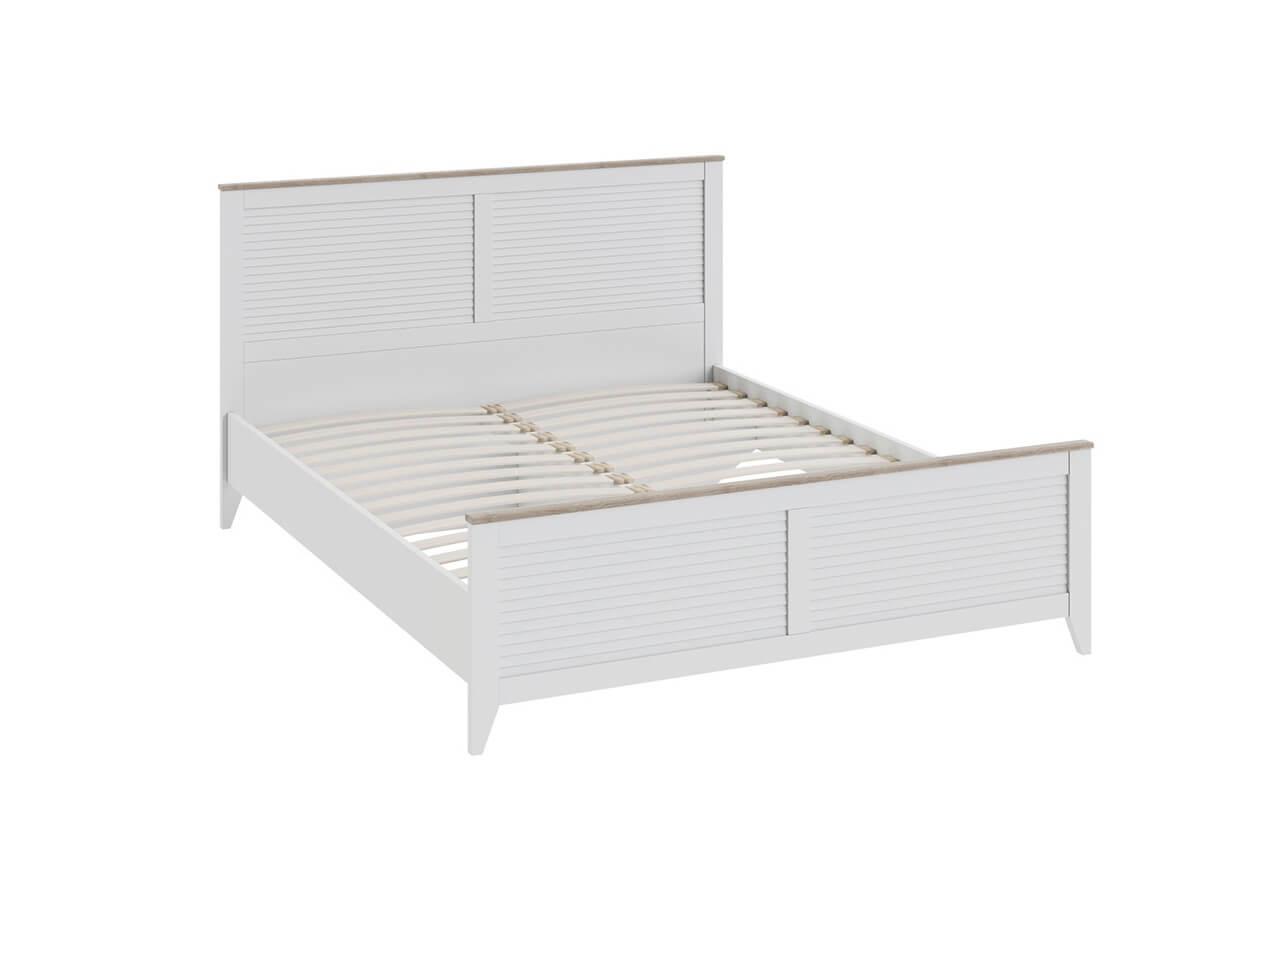 Двуспальная кровать с изножьем Ривьера СМ 241-01-001 1682х2070х1026